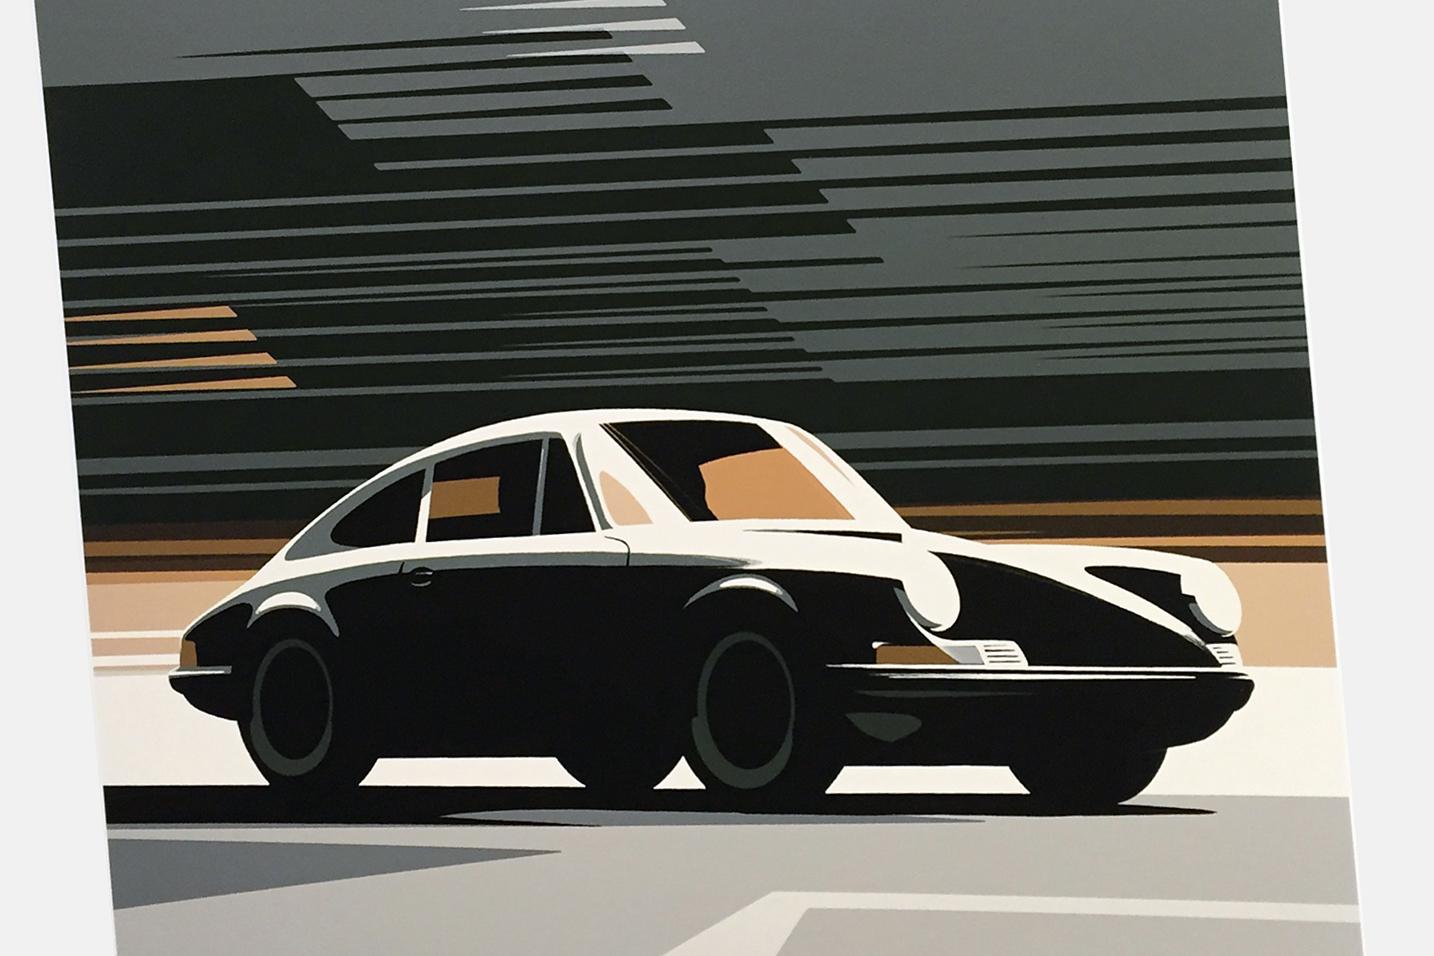 New Guy Allen Porsche Print 911 Swb Ferdinand